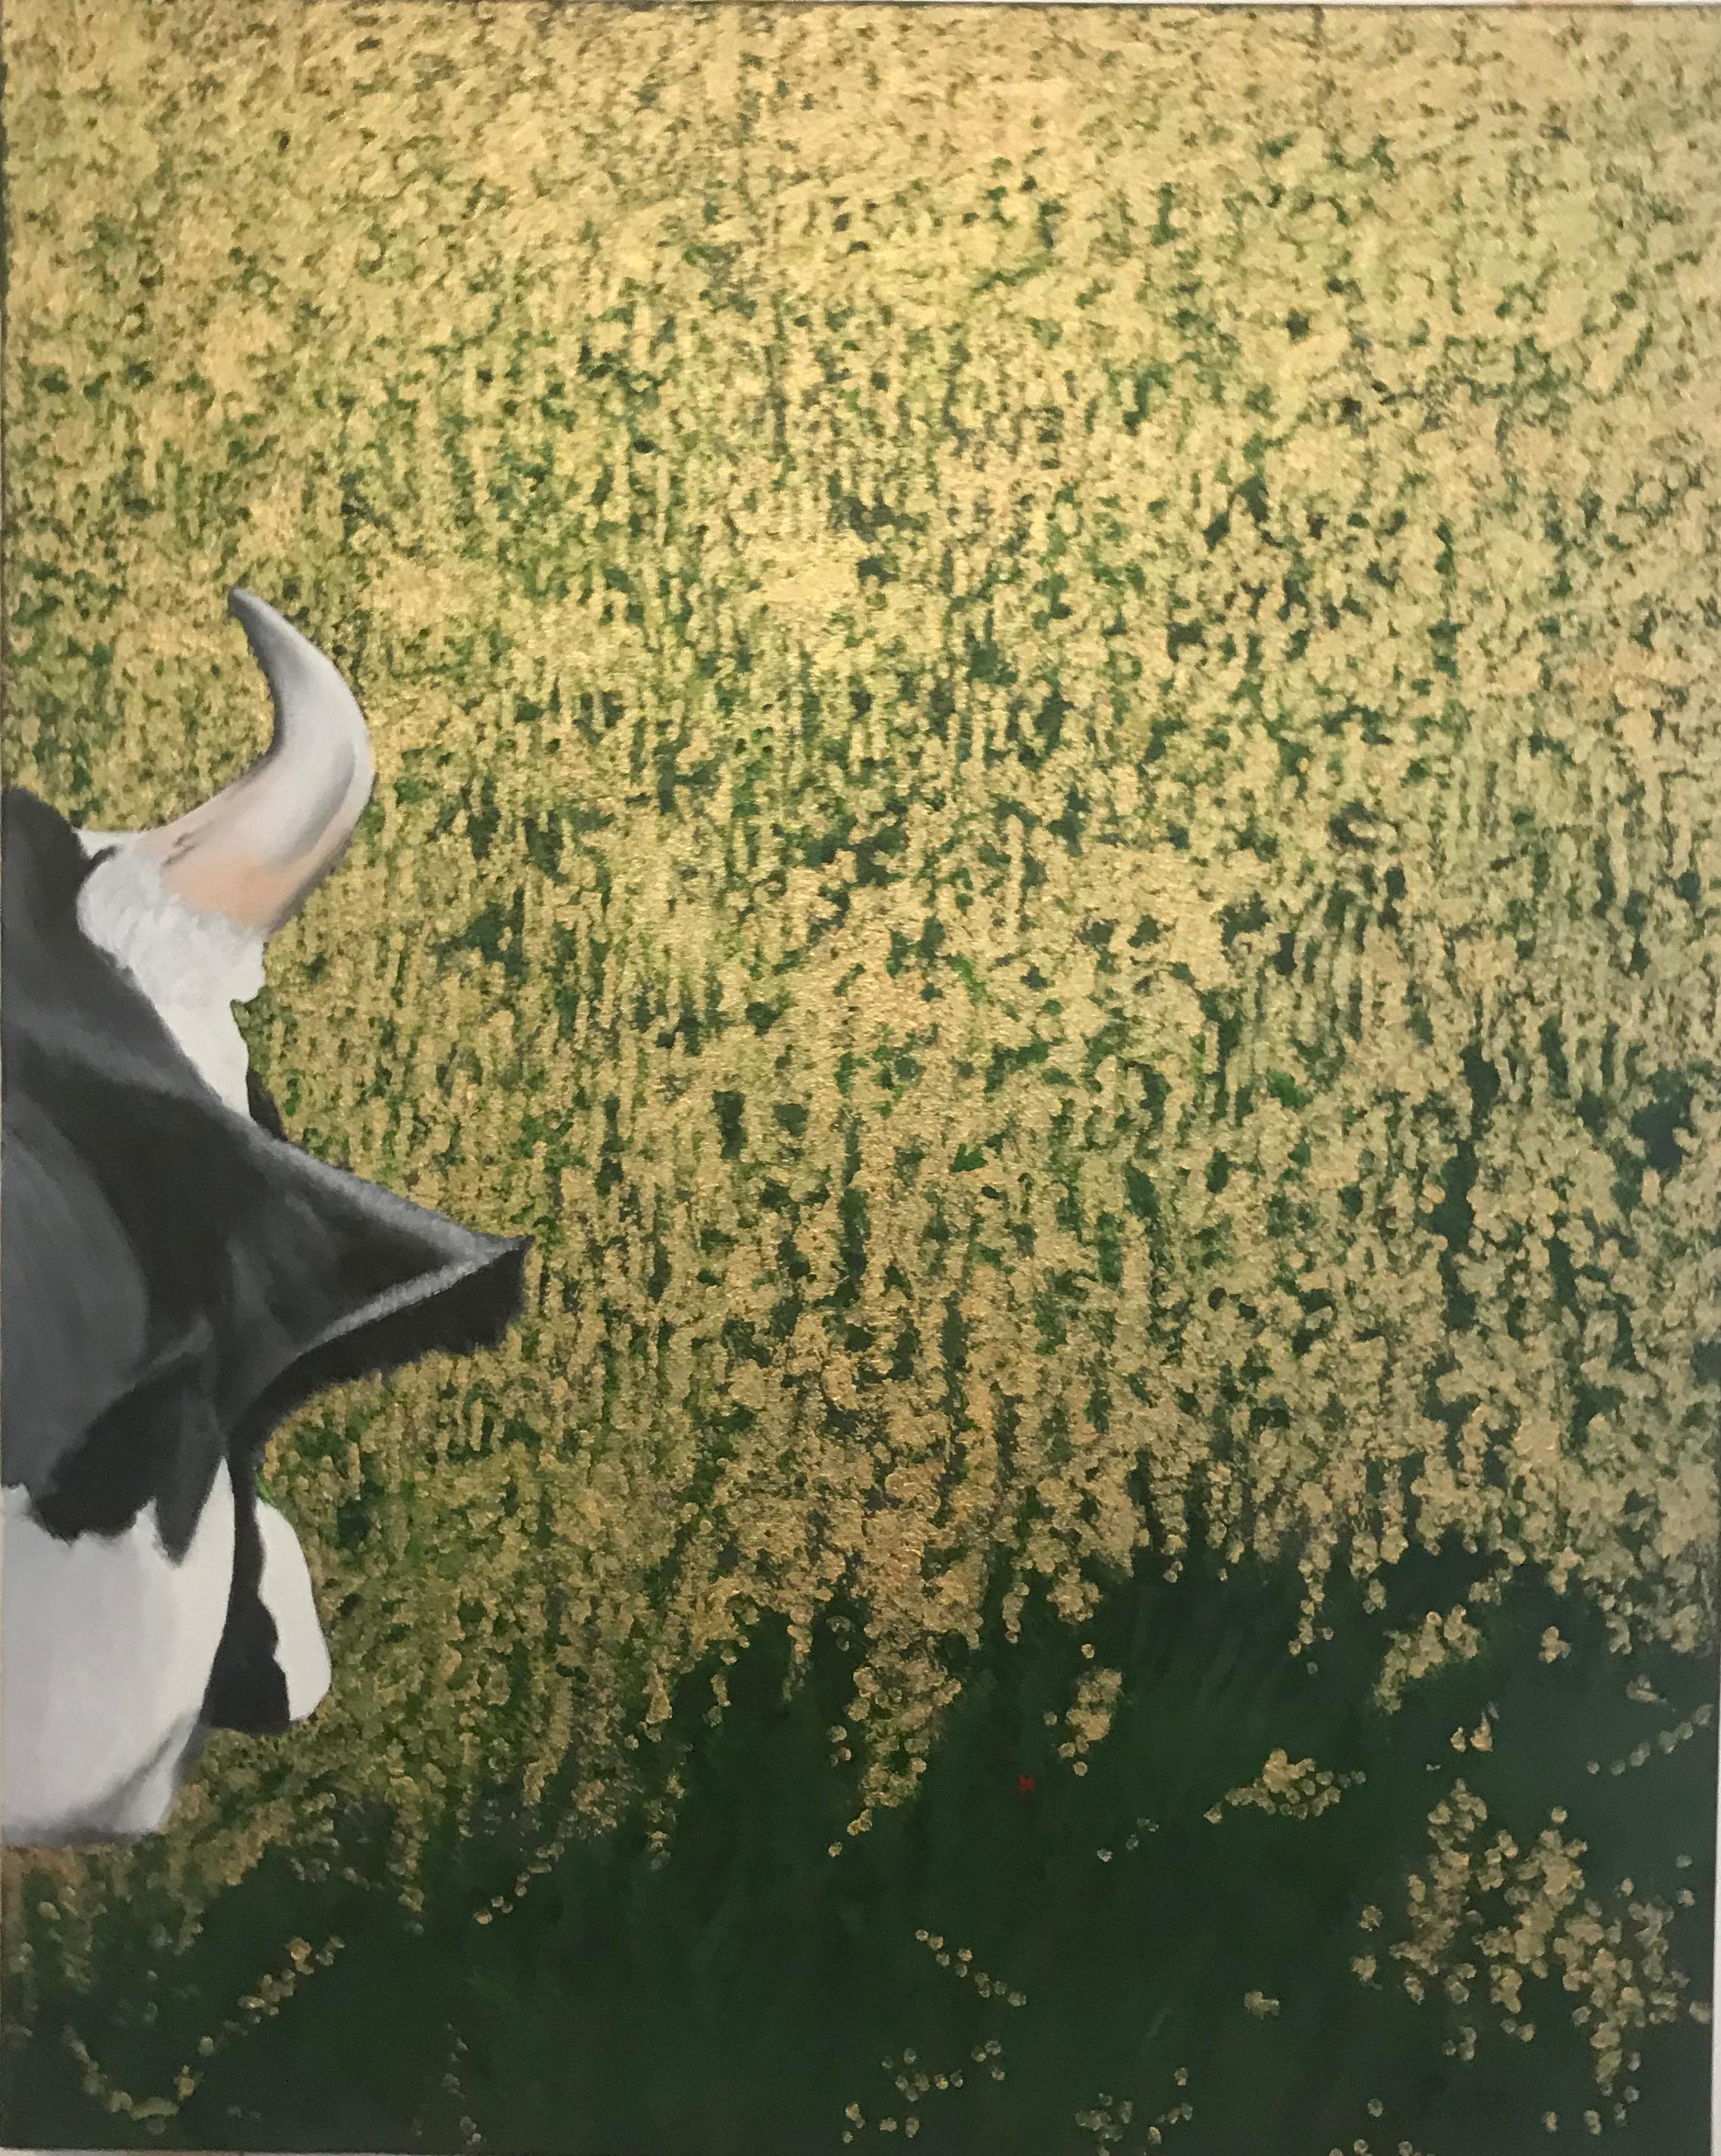 Cow paradise la jolie vache bxpdtn